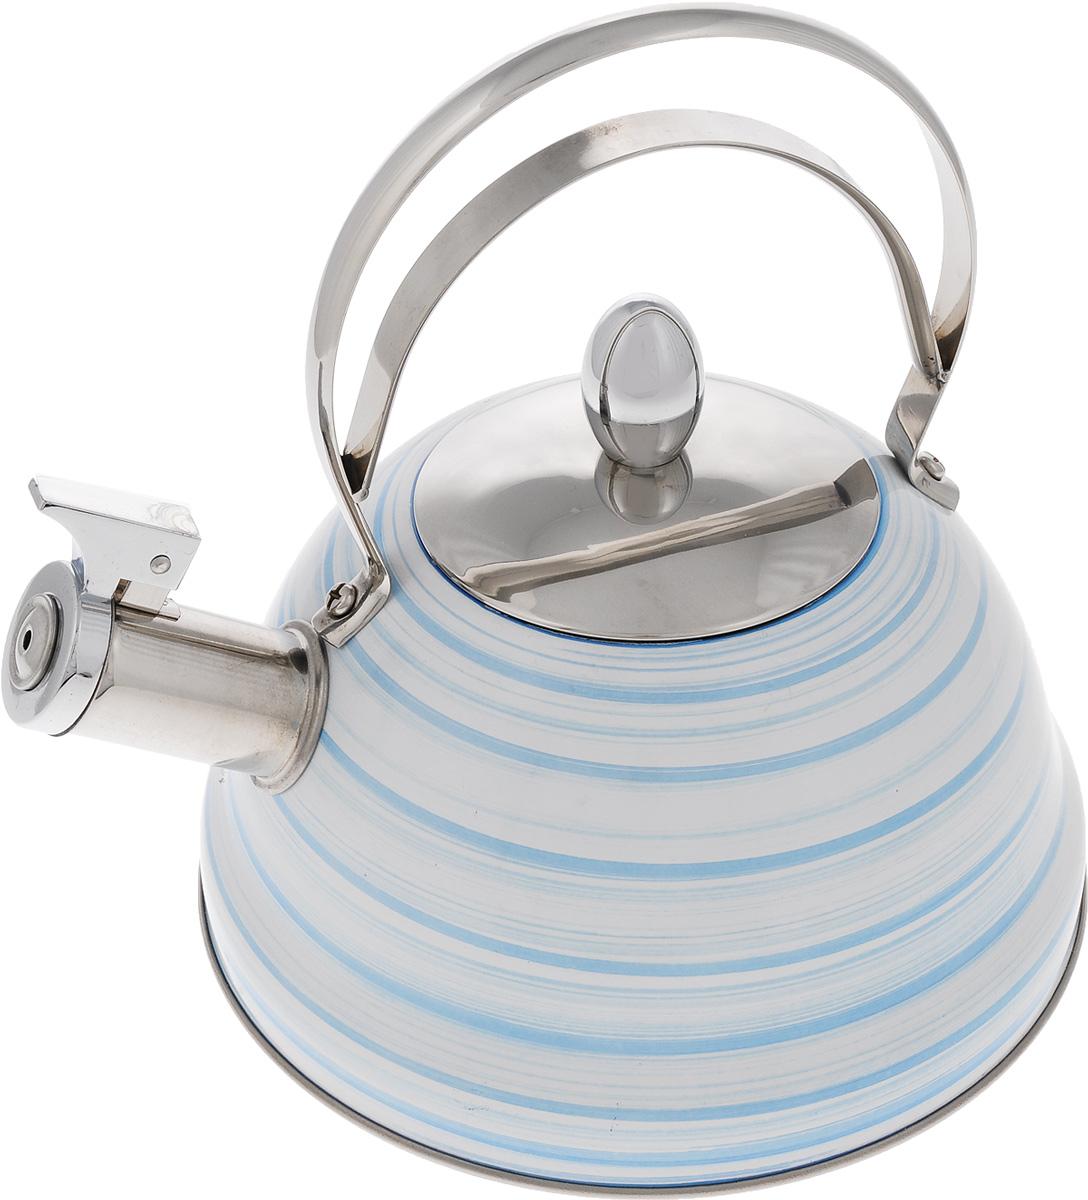 Чайник Mayer & Boch, со свистком, цвет: белый, голубой, стальной, 2,8 л. 214201161Чайник Mayer & Boch выполнен из высококачественной нержавеющей стали, что делает его весьма гигиеничным и устойчивым к износу при длительном использовании. Капсулированное дно с прослойкой из алюминия обеспечивает наилучшее распределение тепла. Носик чайника оснащен насадкой-свистком, звуковой сигнал которого подскажет, когда закипит вода. Фиксированная ручка из нержавеющей стали, делает использование чайника очень удобным и безопасным. Поверхность чайника гладкая, что облегчает уход за ним. Эстетичный и функциональный, с эксклюзивным дизайном, чайник будет оригинально смотреться в любом интерьере.Подходит для всех типов плит, включая индукционные. Можно мыть в посудомоечной машине. Высота чайника (без учета ручки и крышки): 10,5 см.Высота чайника (с учетом ручки и крышки): 23 см.Диаметр чайника (по верхнему краю): 10 см.